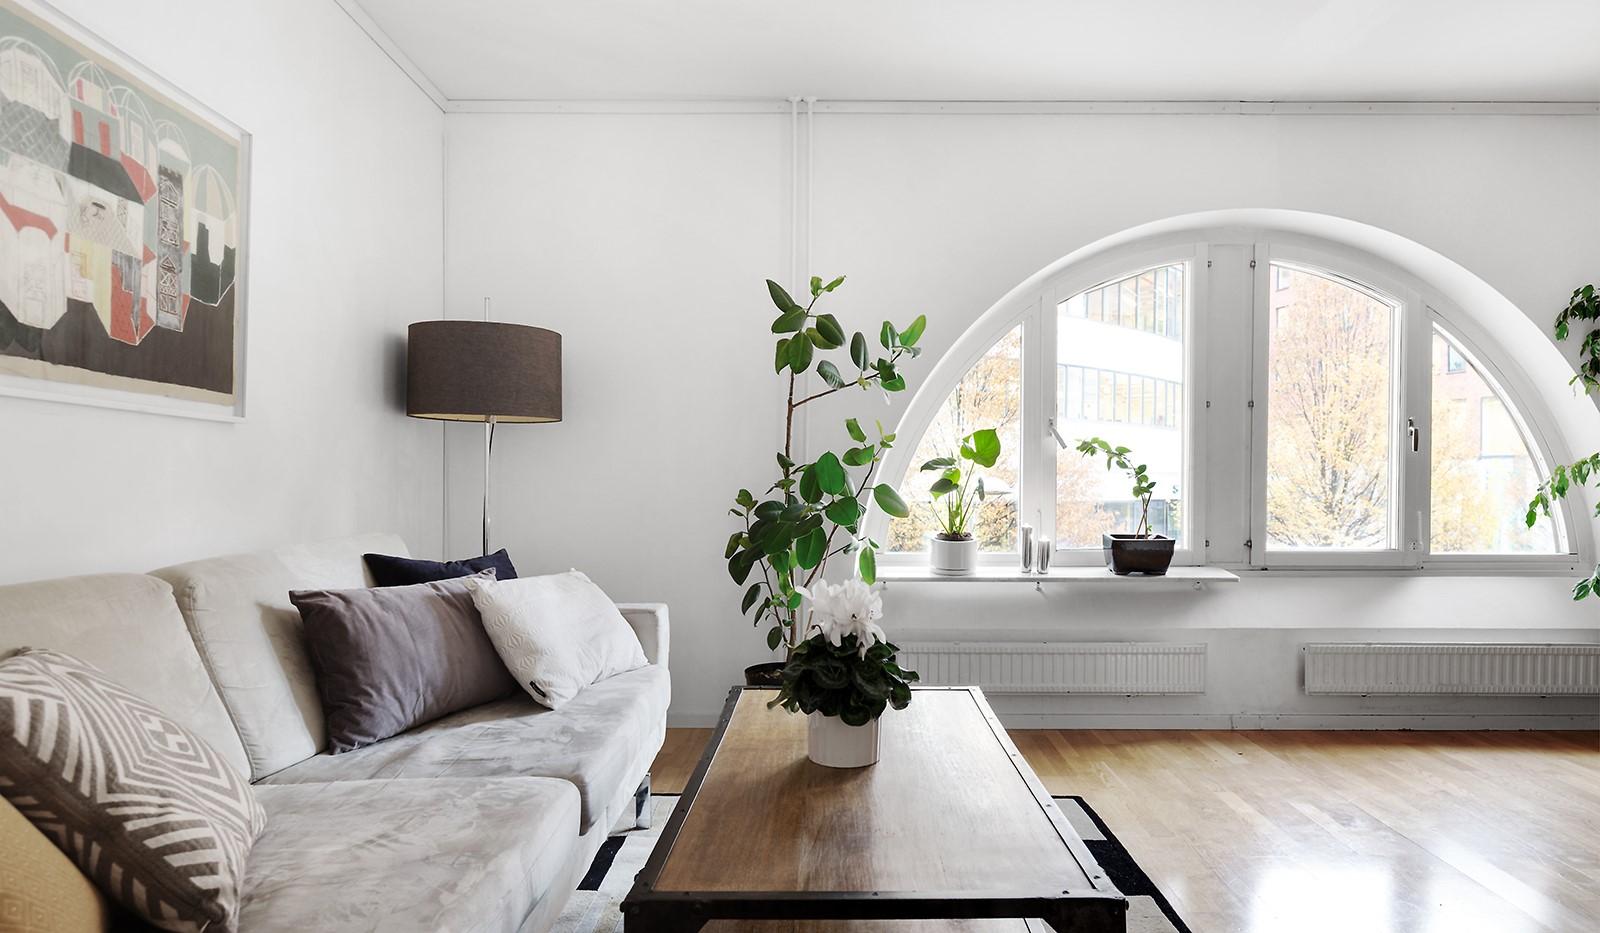 Fatburs Brunnsgata 31 - Vardagsrum med skönt ljusflöde